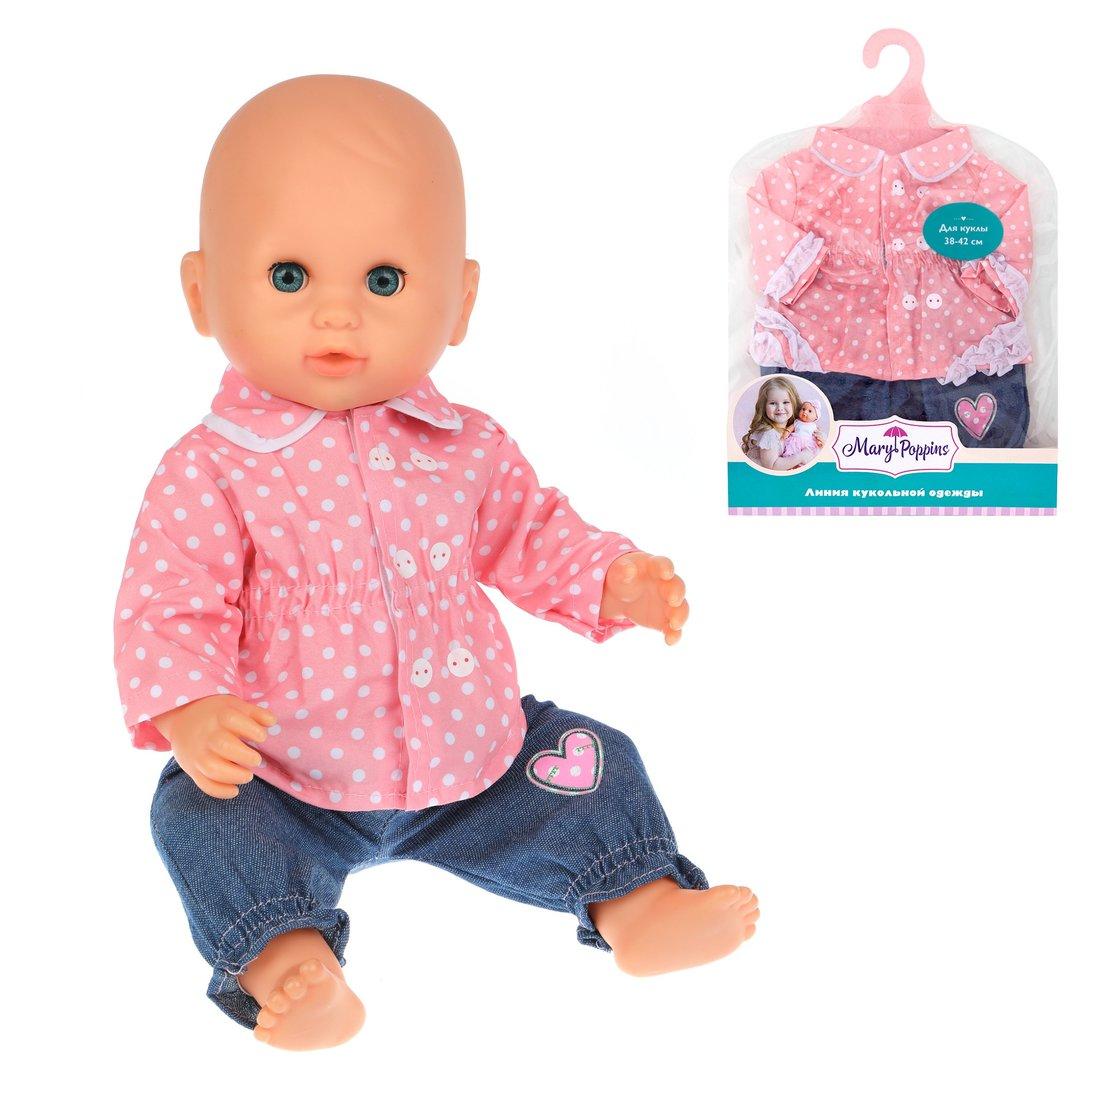 Одежда для куклы 38-43см, кофточка и штанишки.